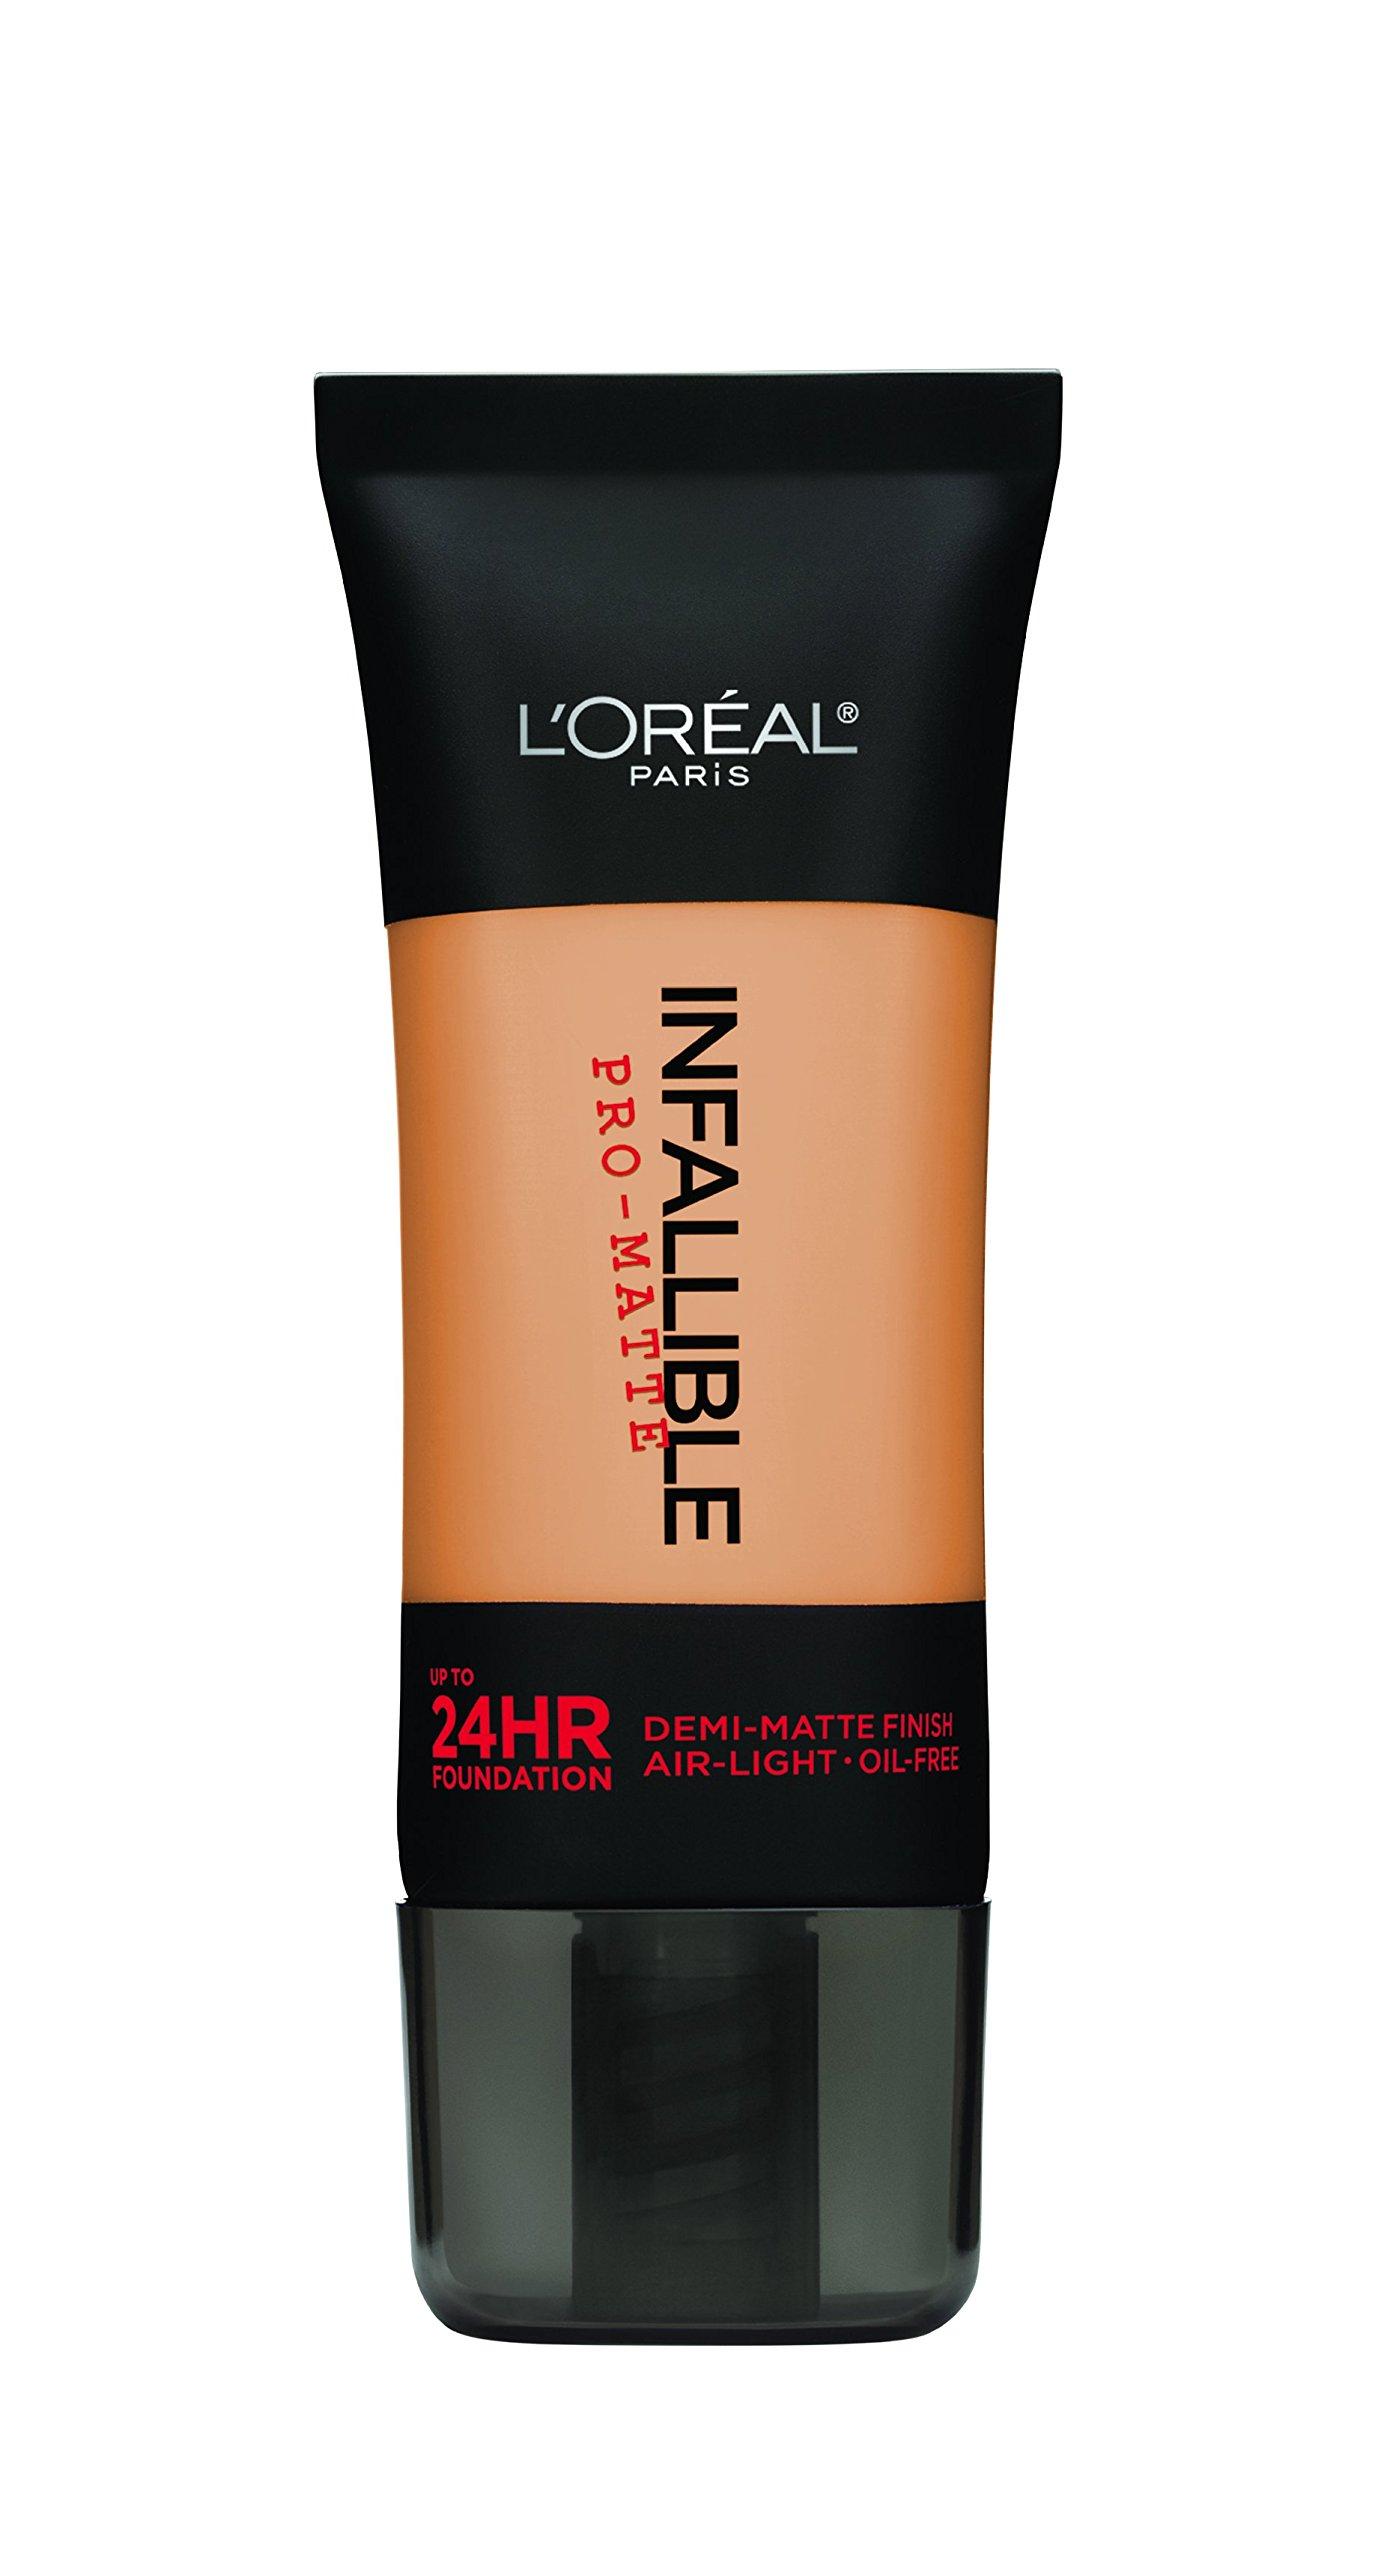 L'Oréal Paris Infallible Pro-Matte Foundation, Natural Buff, 1 fl. oz.